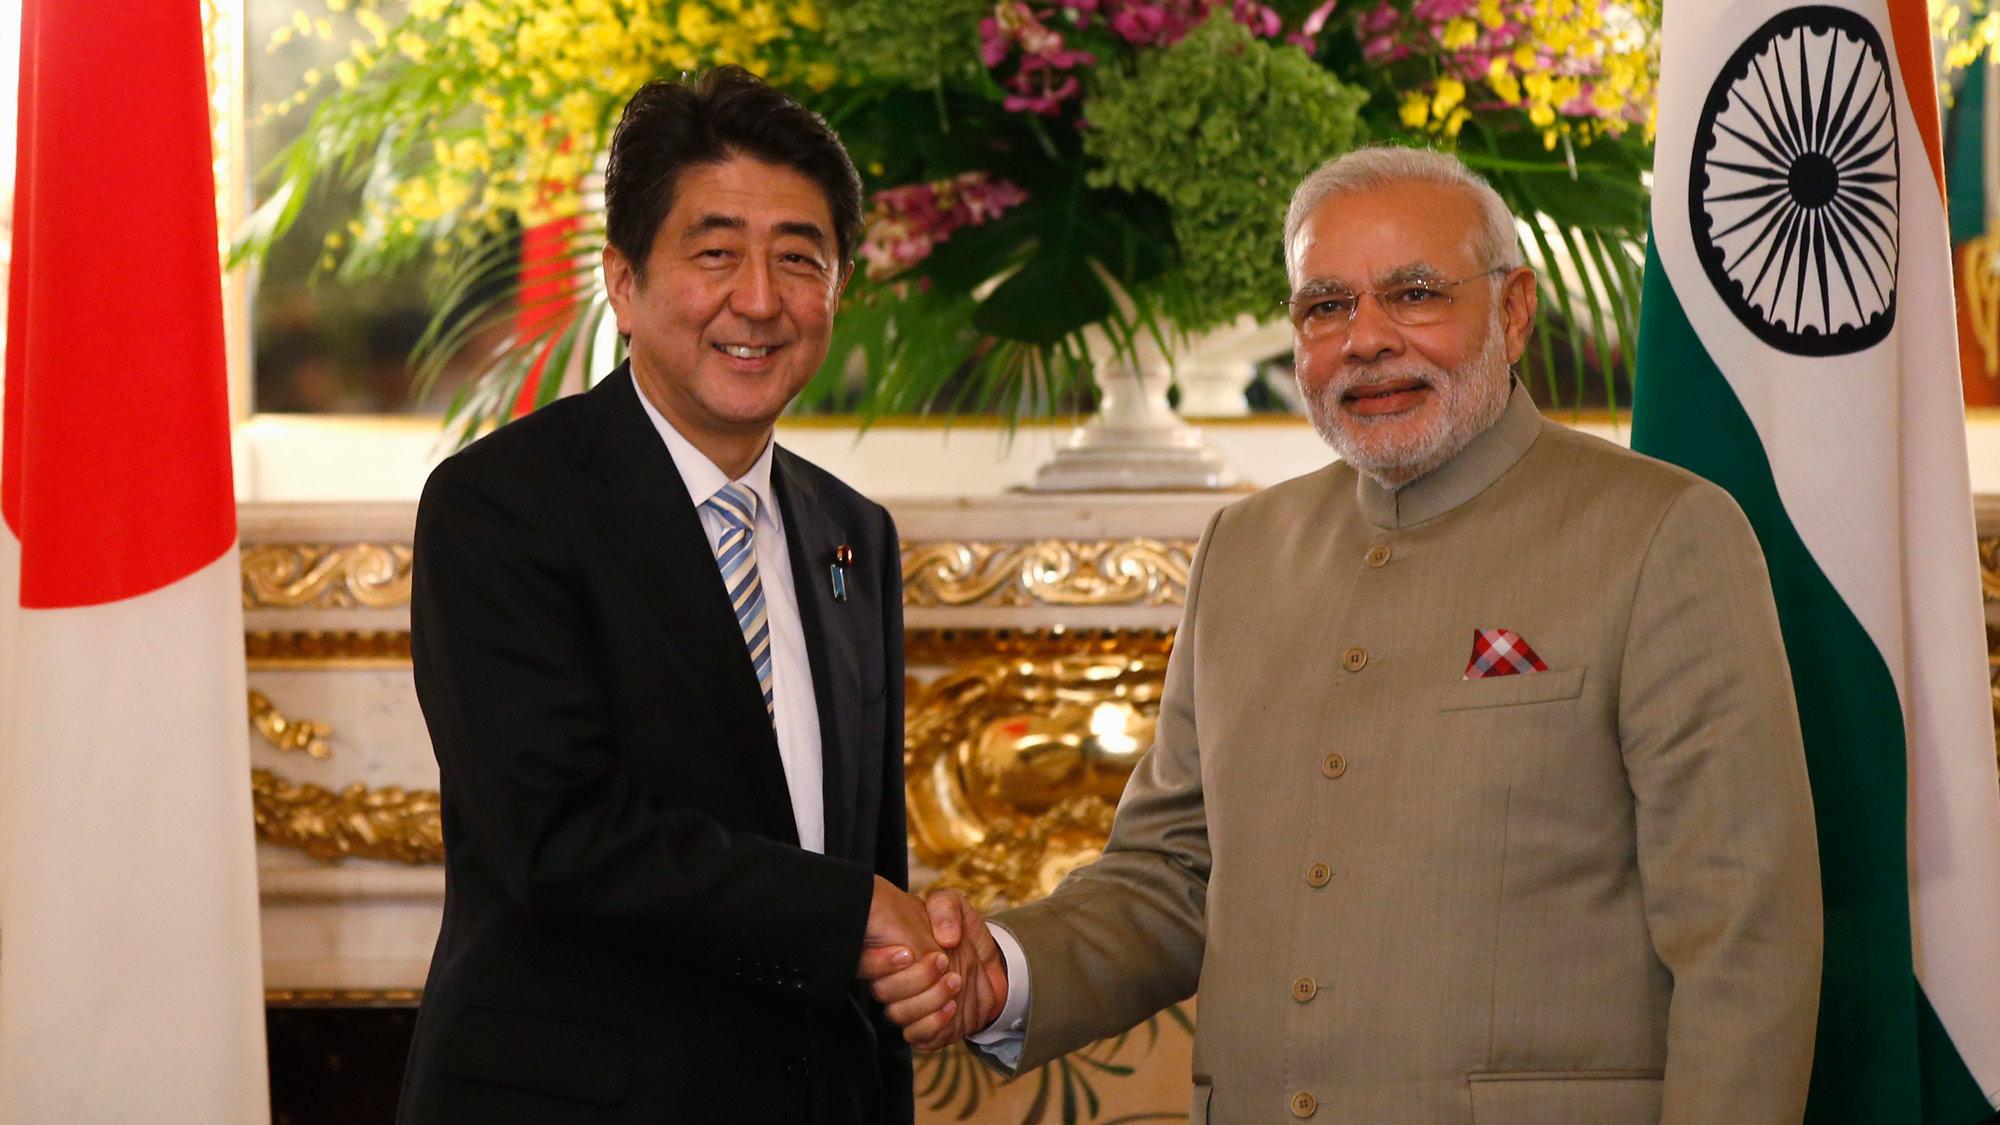 ભારત-જાપાનની મિત્રતાને લઇ ચીન બન્યું બેબાકળું